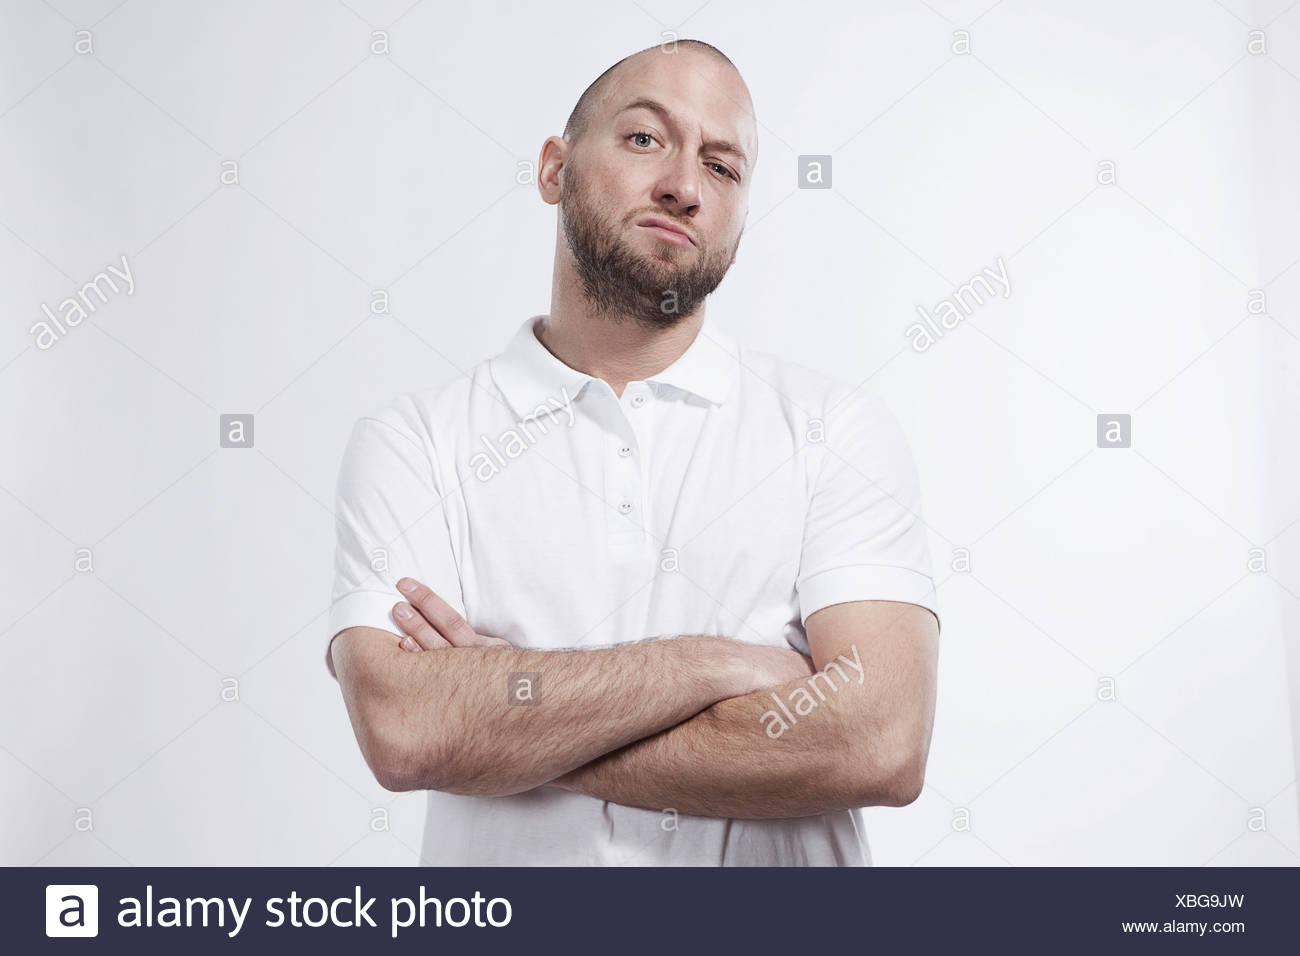 Metà uomo adulto con le braccia incrociate, ritratto Immagini Stock